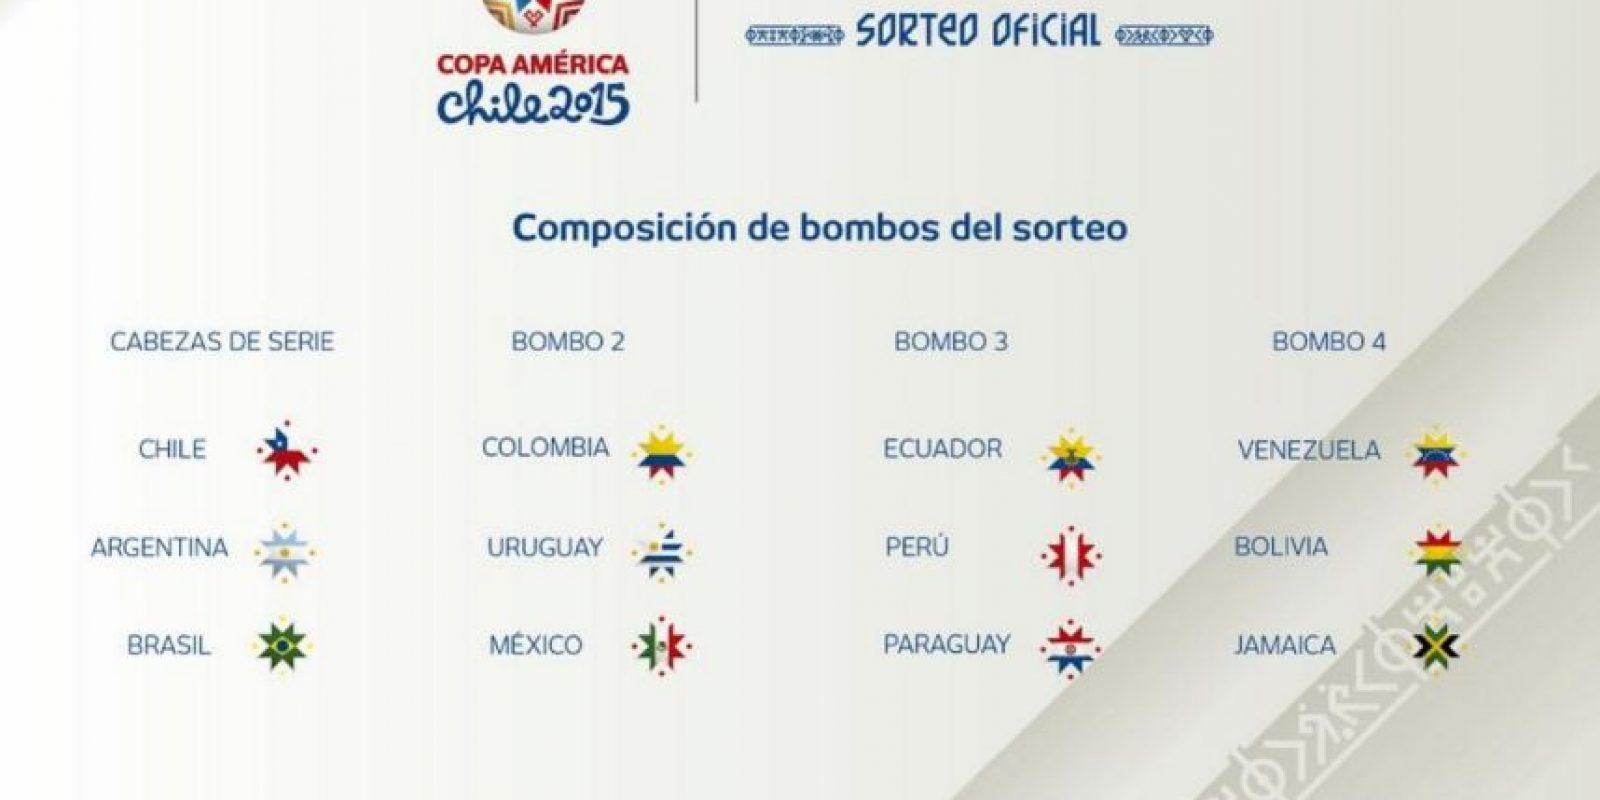 Los bombos para el sorteo. Foto:facebook.com/copaamerica